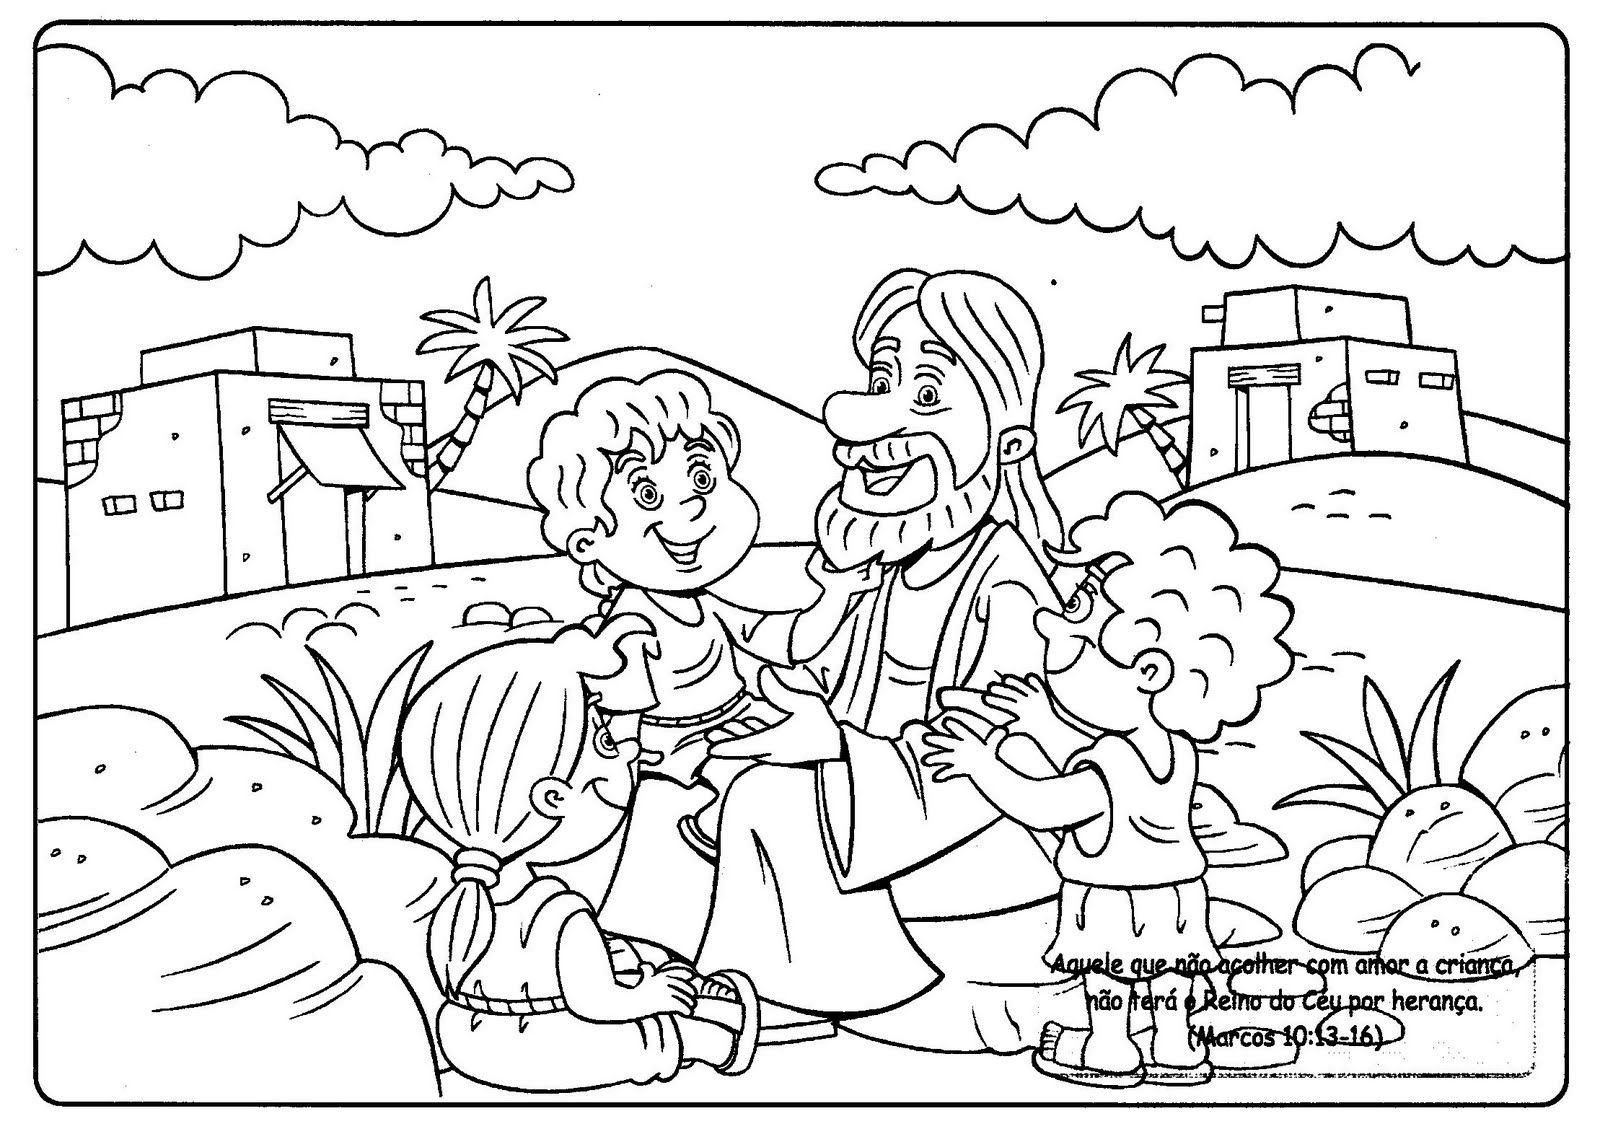 Vida129 Jpg 1600 1142 Desenhos Biblicos Desenhos Biblicos